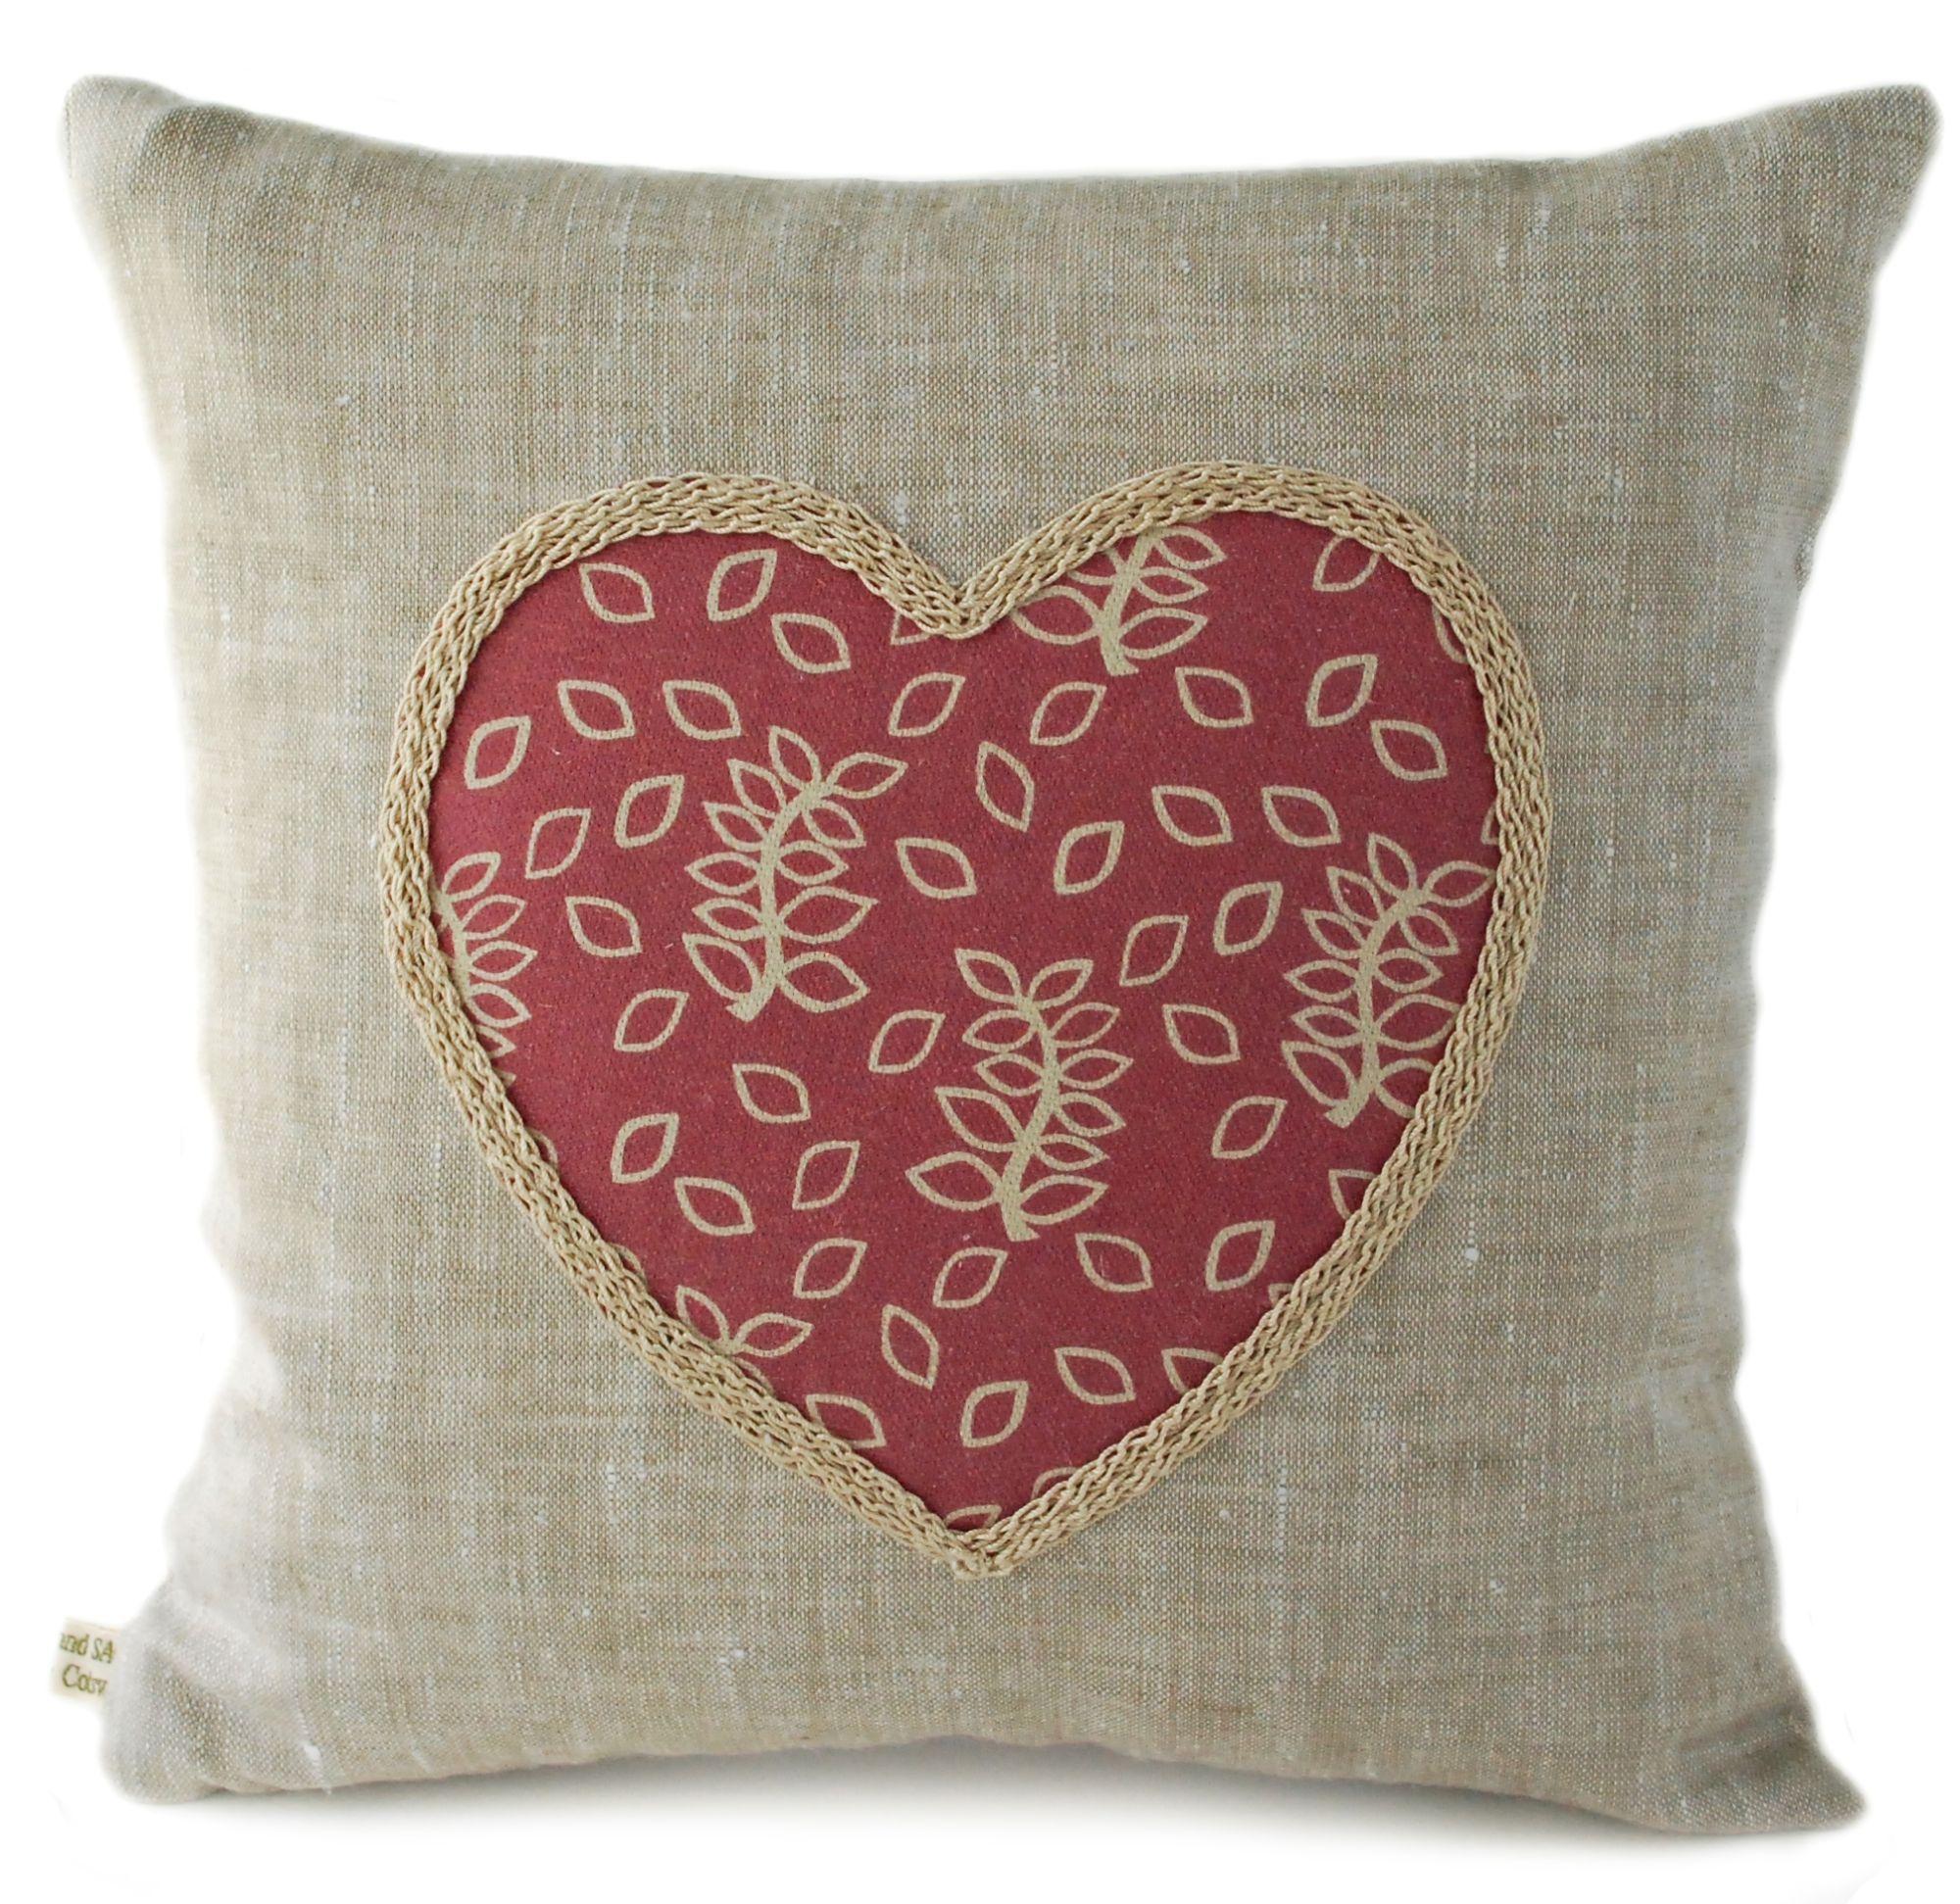 Dusky rose leaves linen scatter cushion